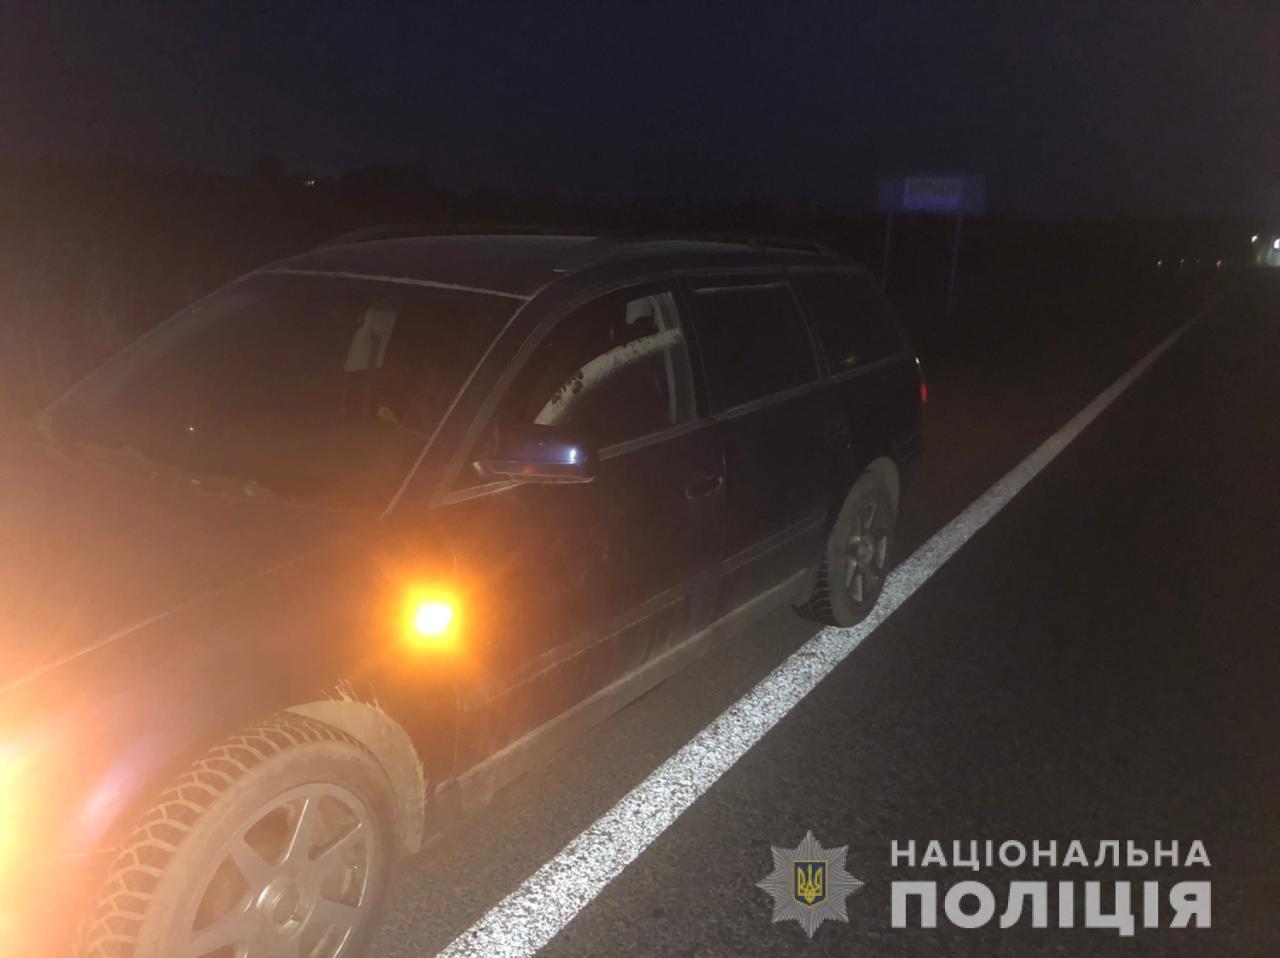 """Двоє зловмисників вкрали """"Фольксваген"""" ужгородця, а поліція затримала їх раніше, ніж власник помітив відсутність автівки"""